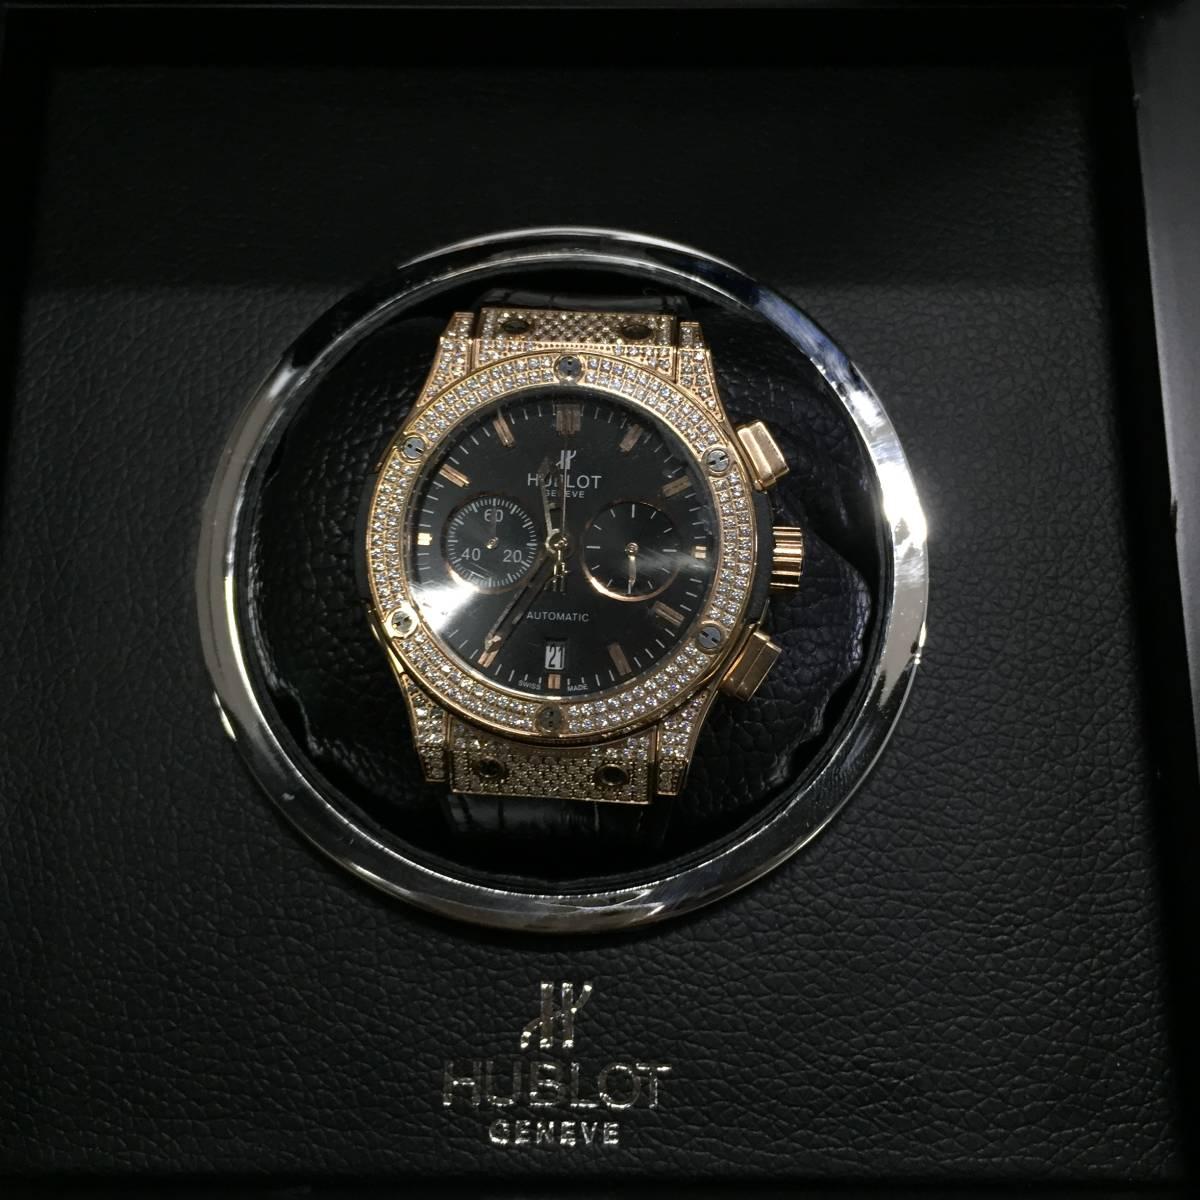 ウブロビッグバン 付属品完備 腕時計 メンズ HUBLOT Ref.301.SX.1170.RX